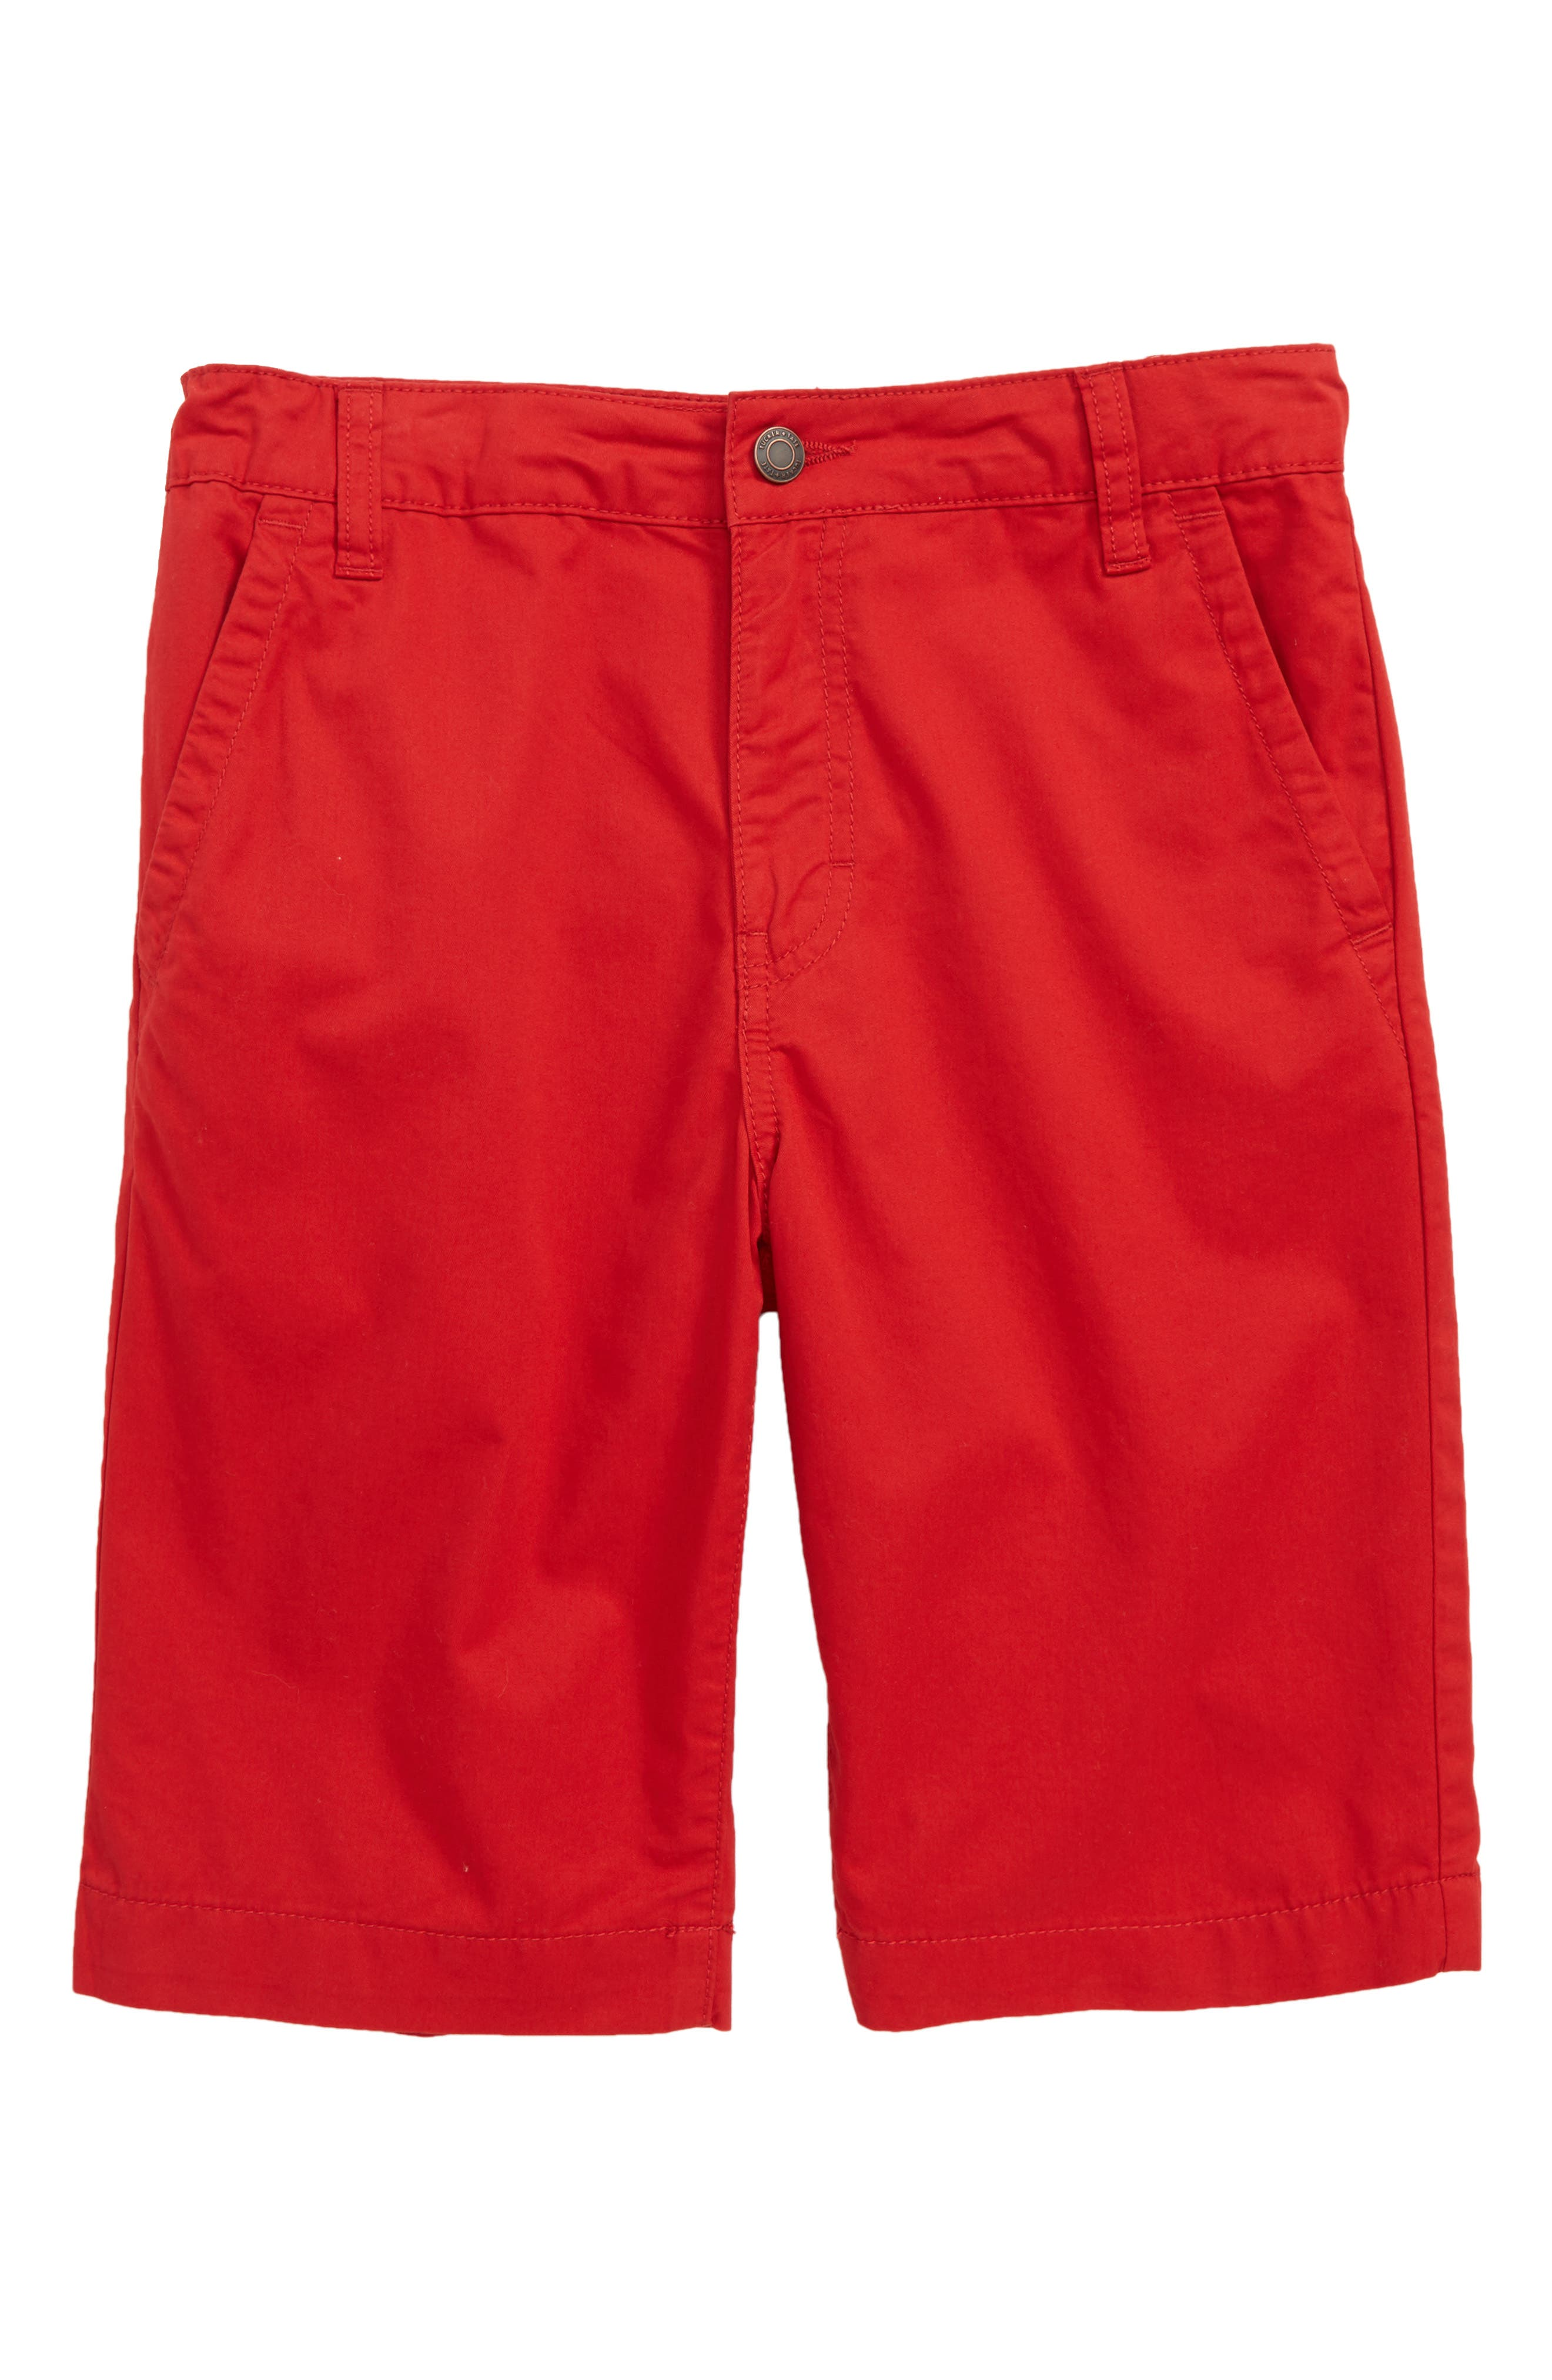 Chino Shorts,                             Main thumbnail 4, color,